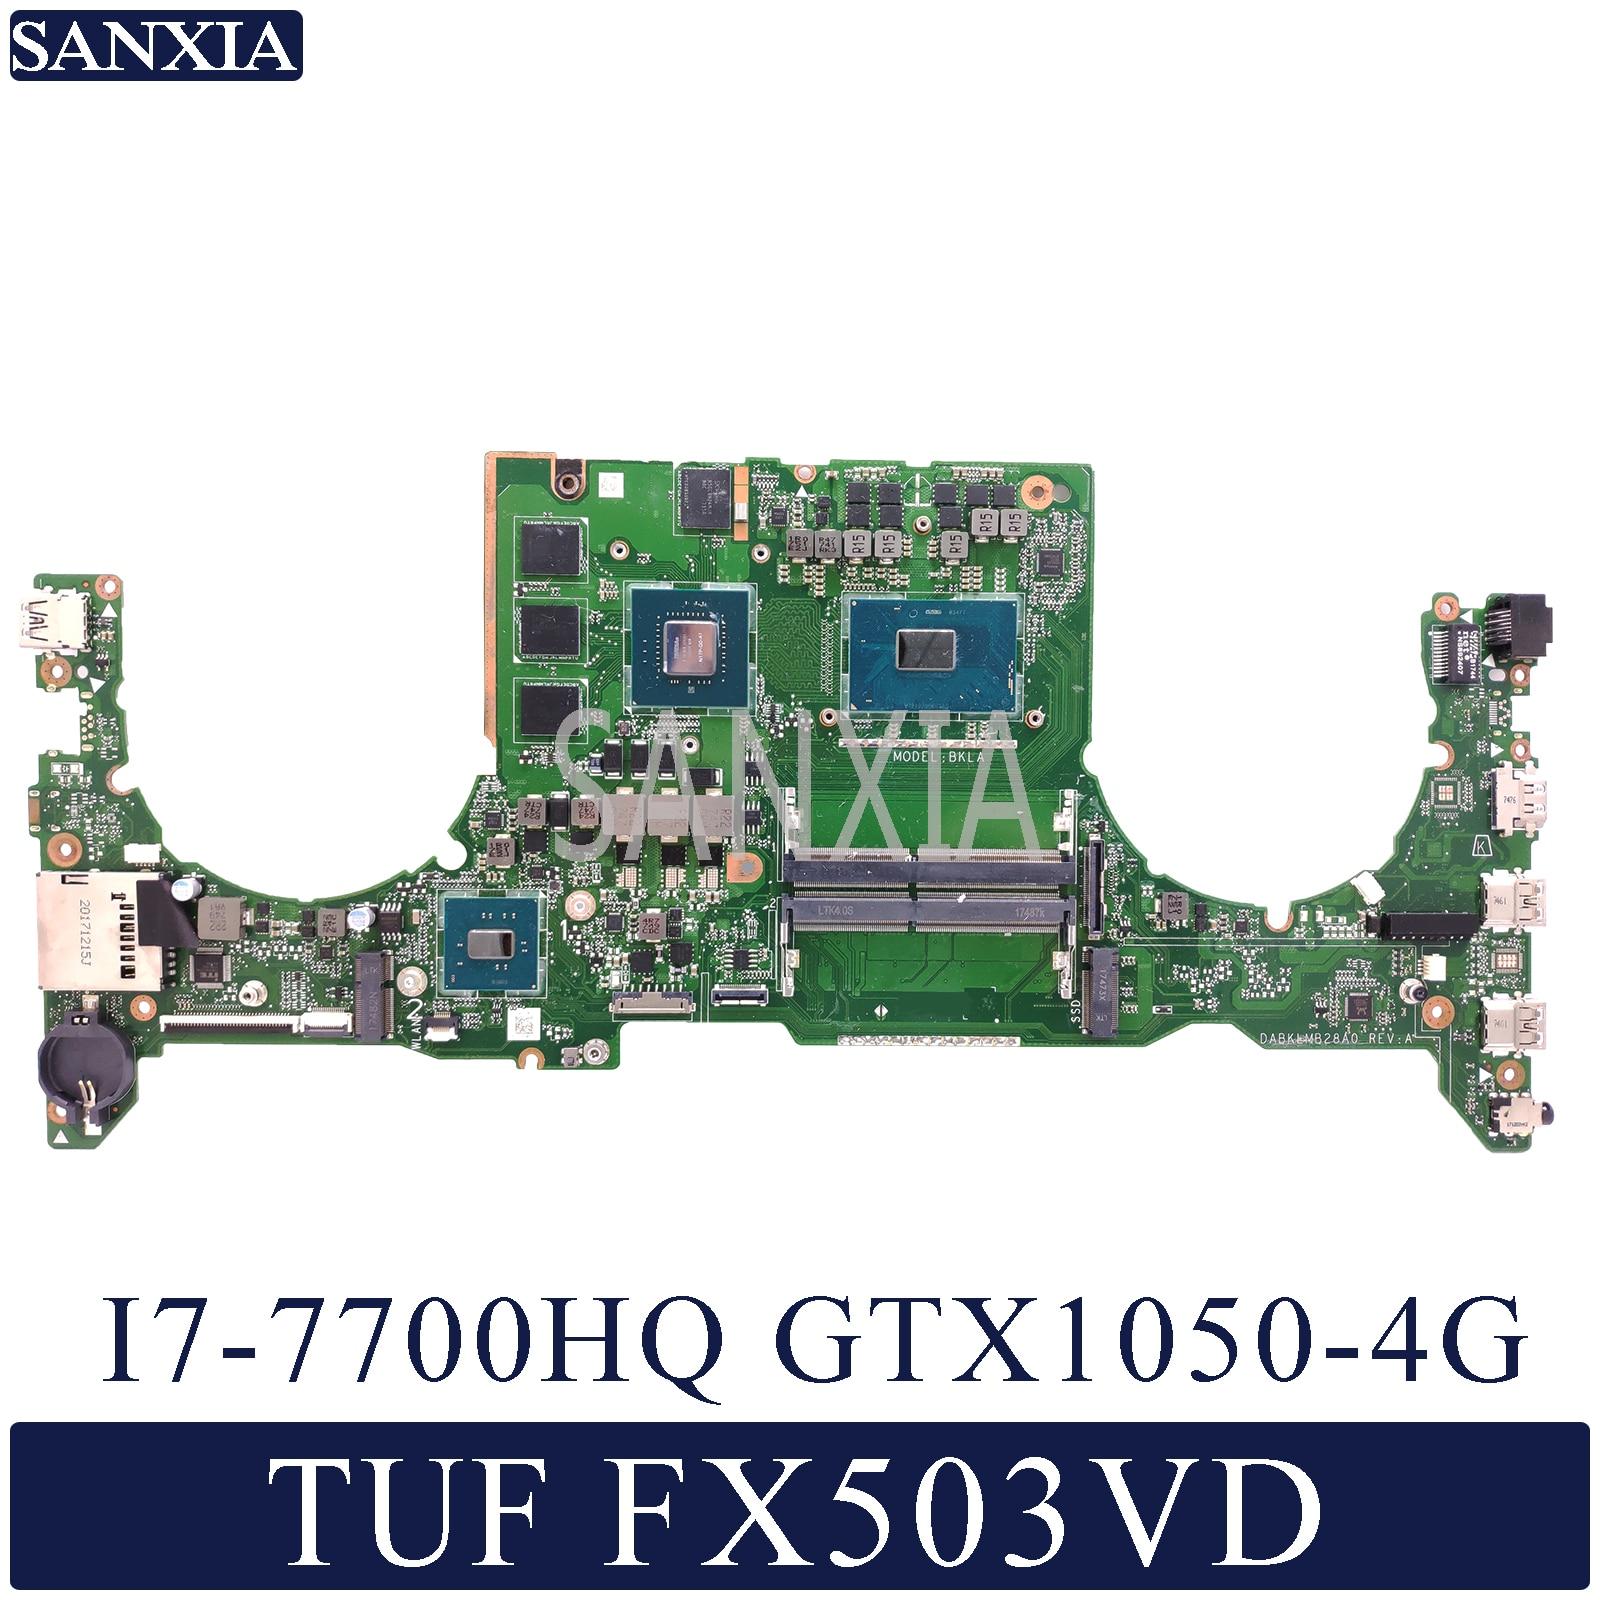 KEFU DABKLMB28A0 placa base de Computadora Portátil para ASUS TUF de FX503VD placa base original de I7-7700HQ GTX1050-4G